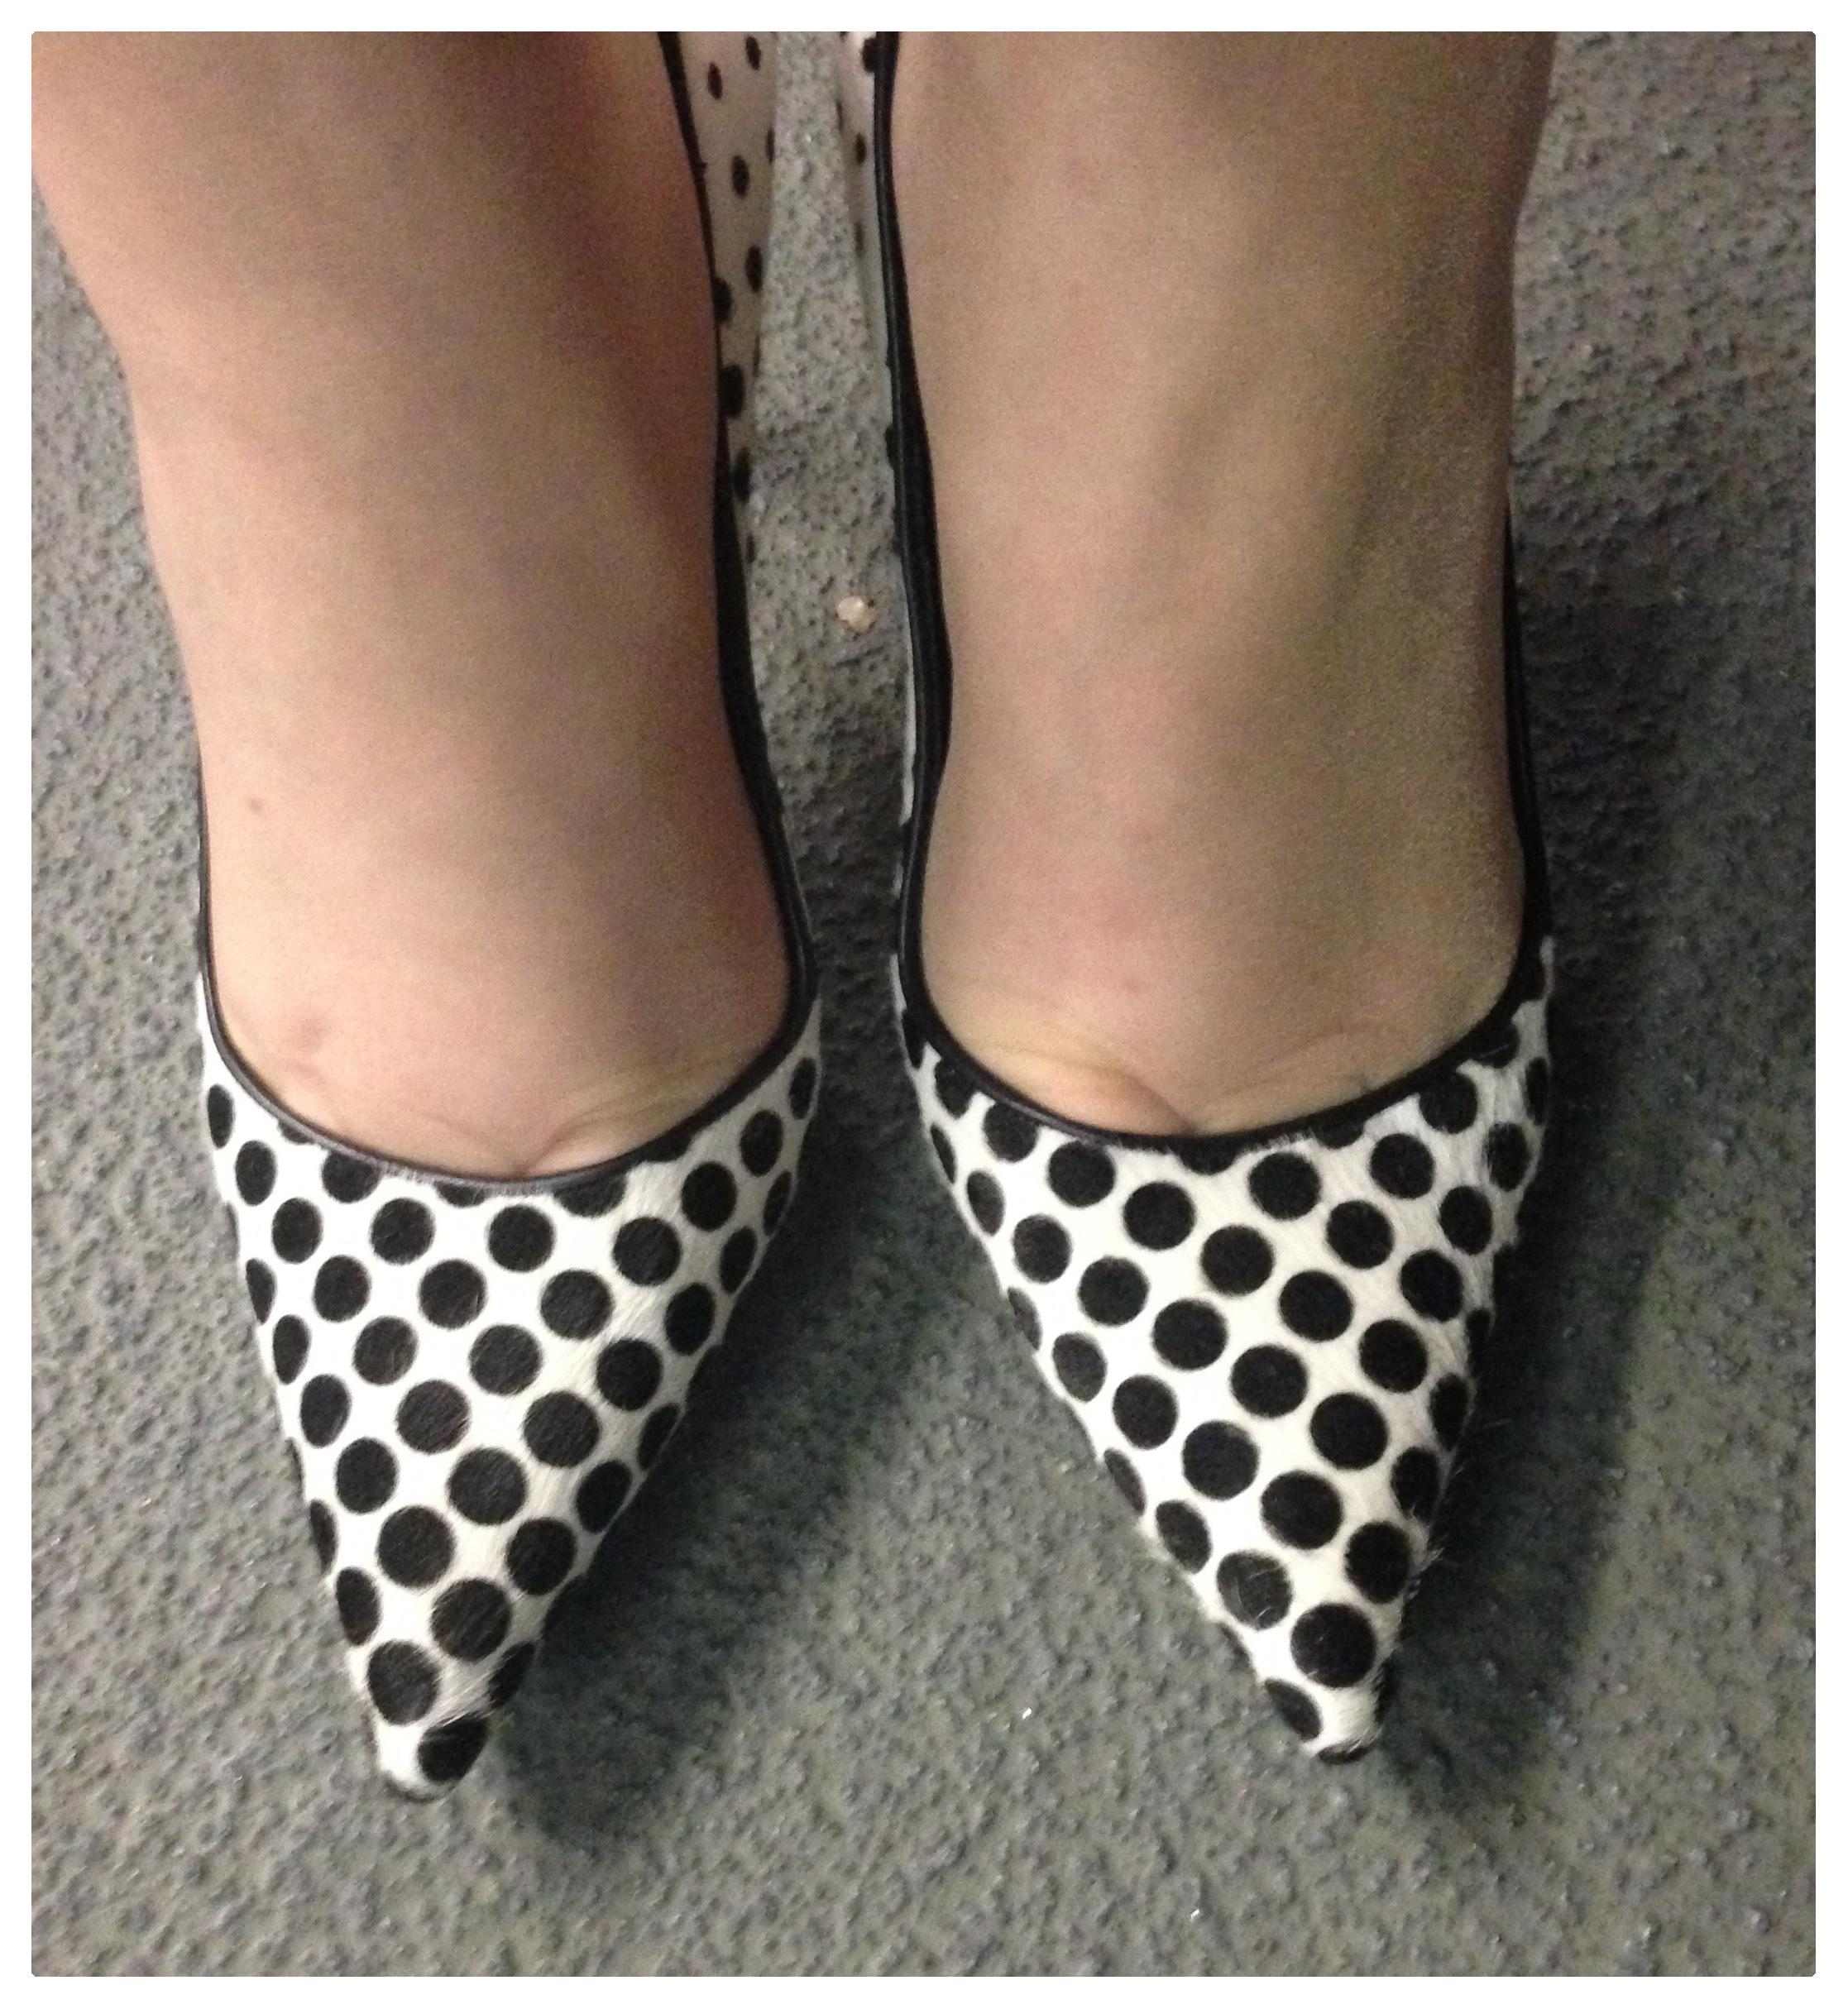 Manolo Blahnik Footwear Fashionista A Sneak Peek Into